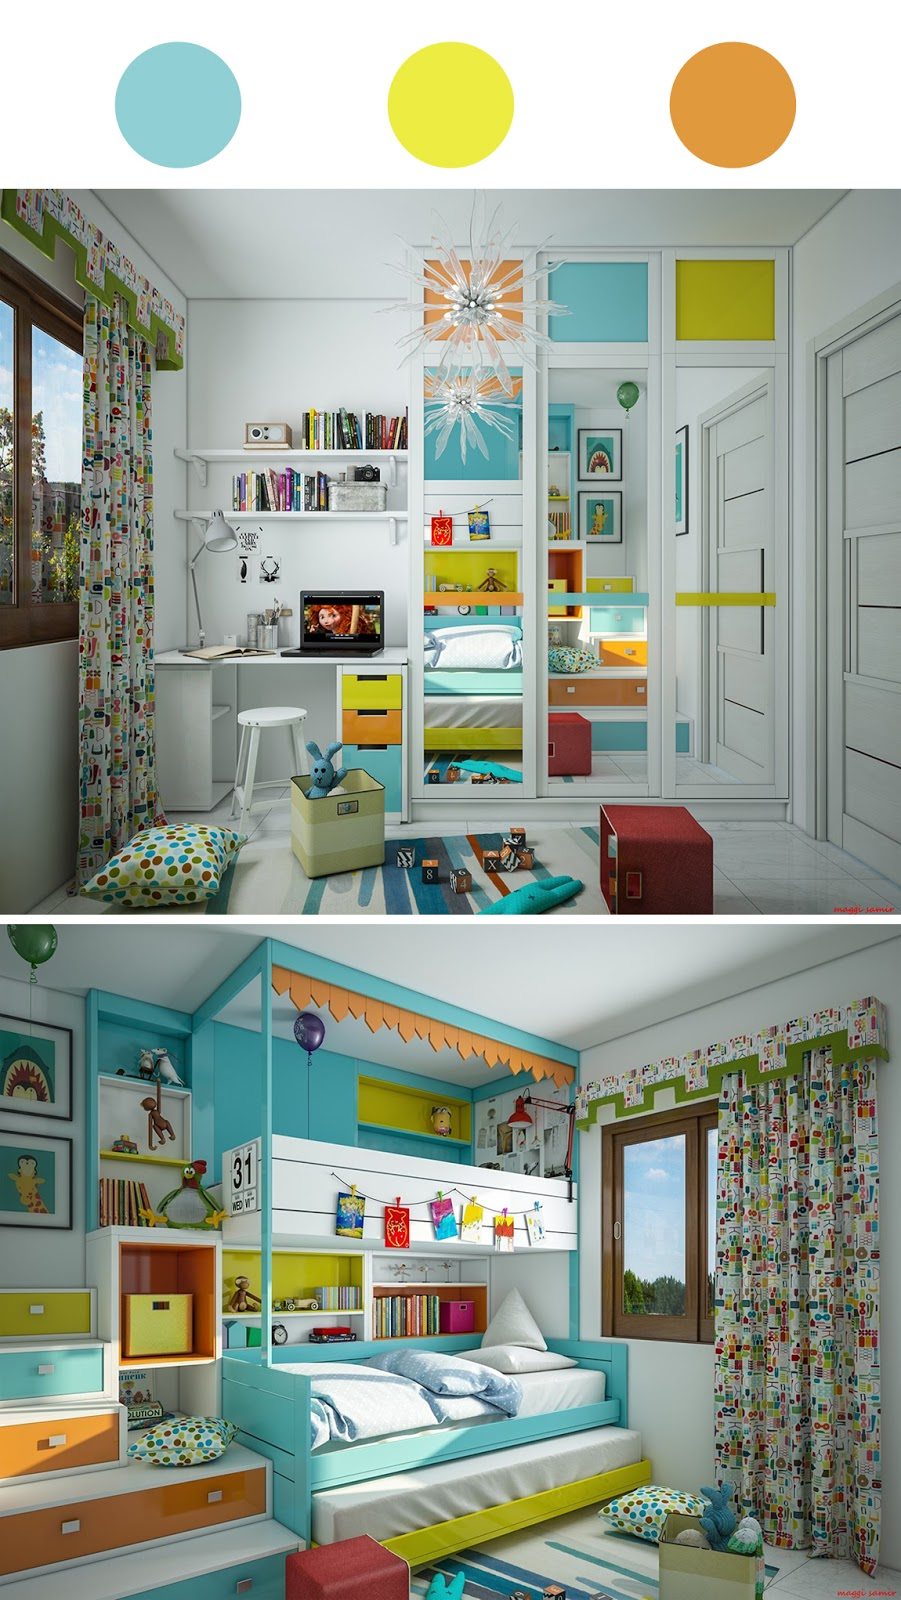 quarto infantil azul, amarelo e laranja